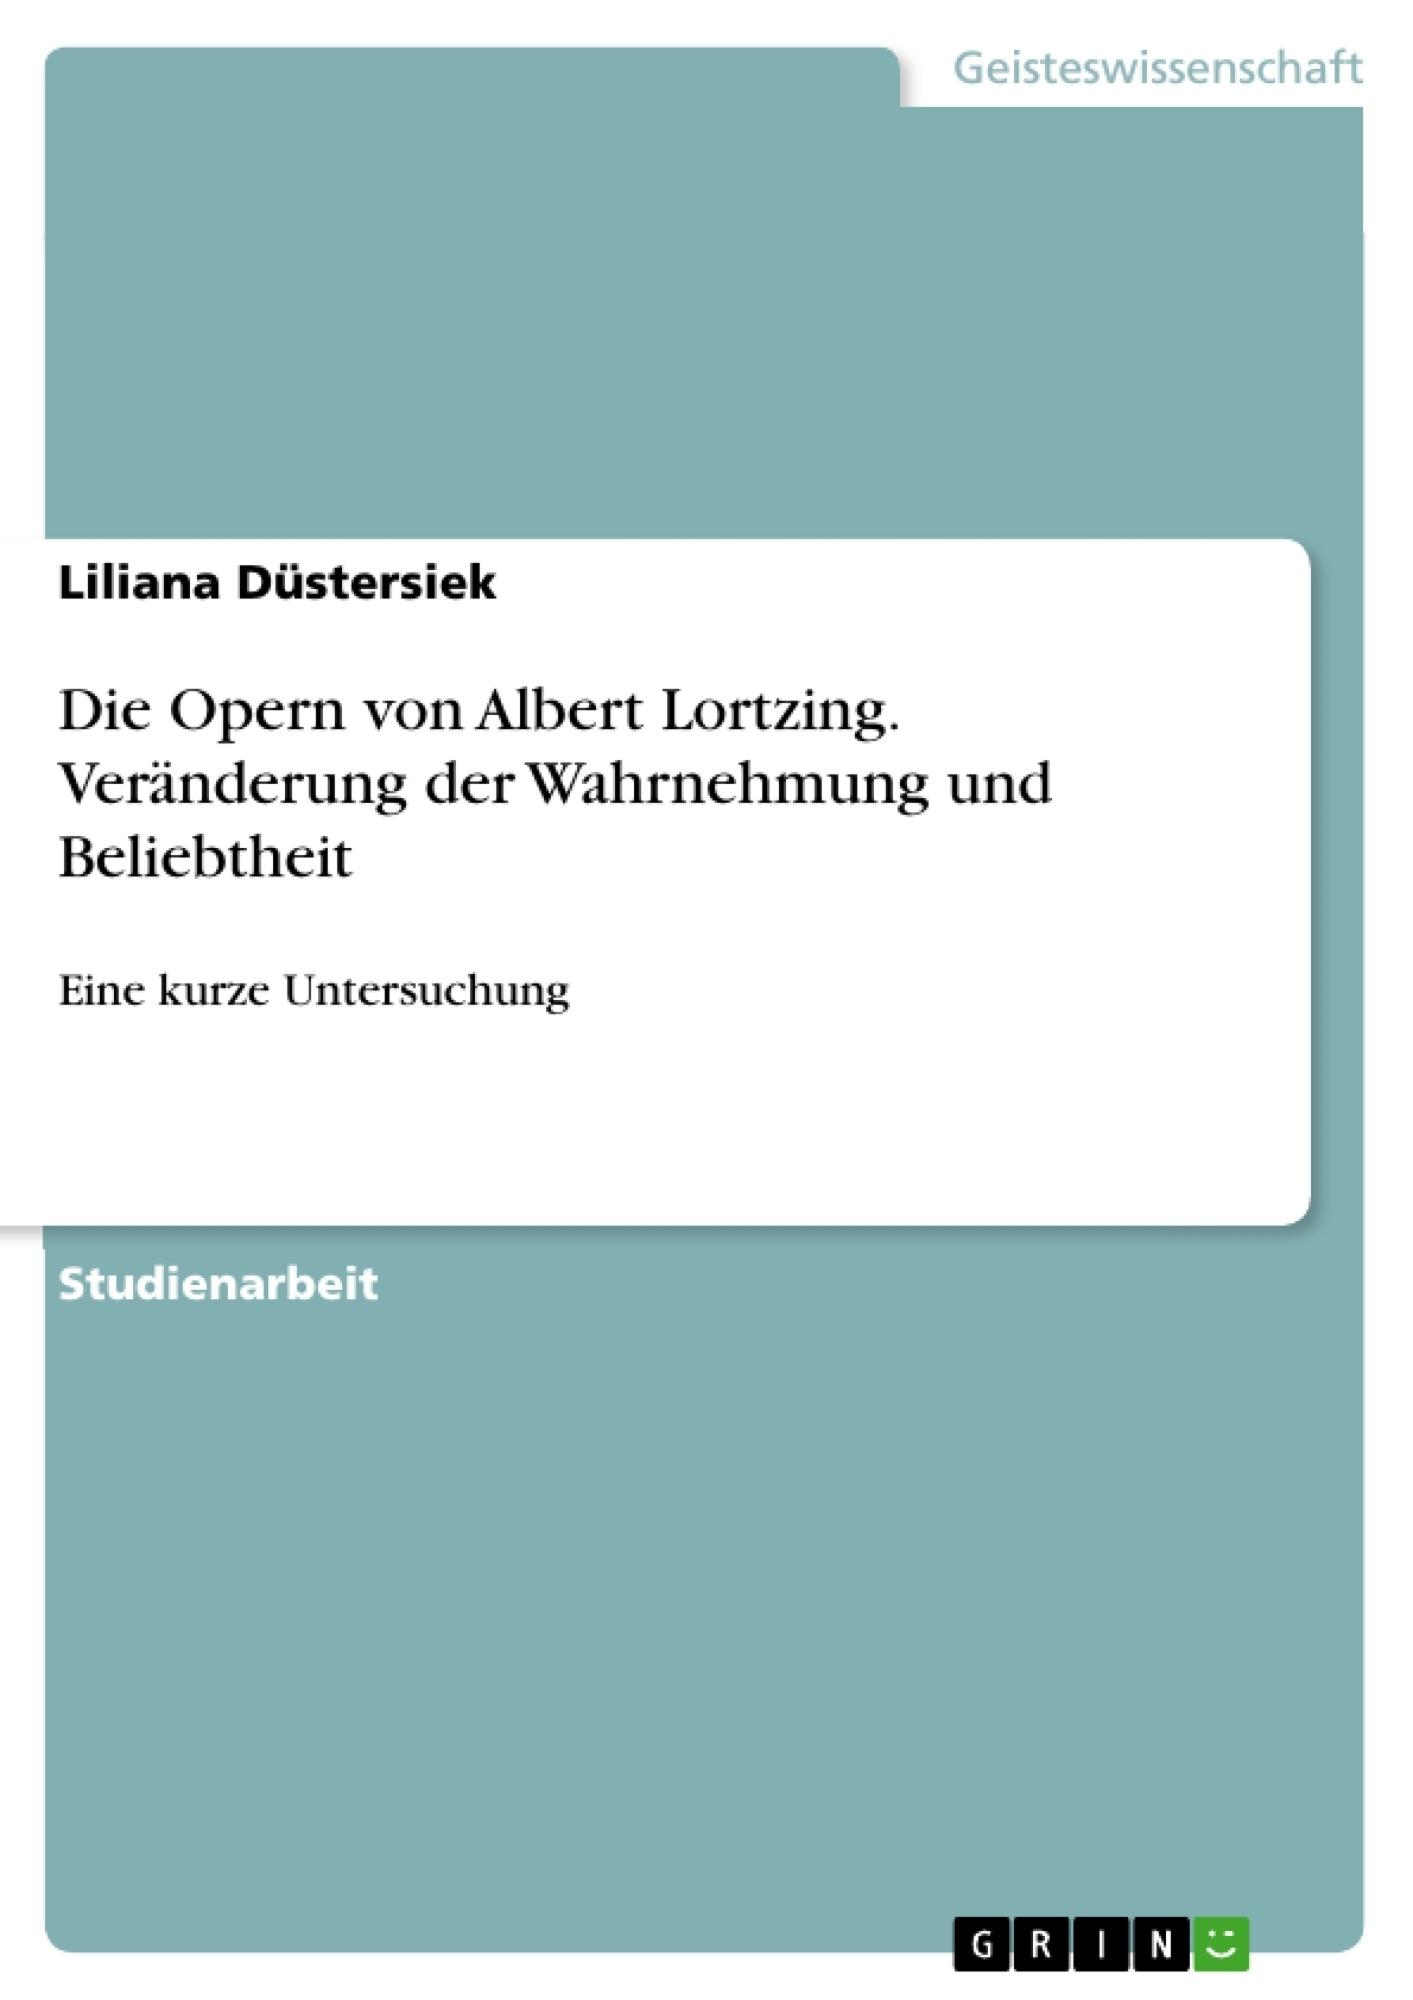 Titel: Die Opern von Albert Lortzing. Veränderung der Wahrnehmung und Beliebtheit